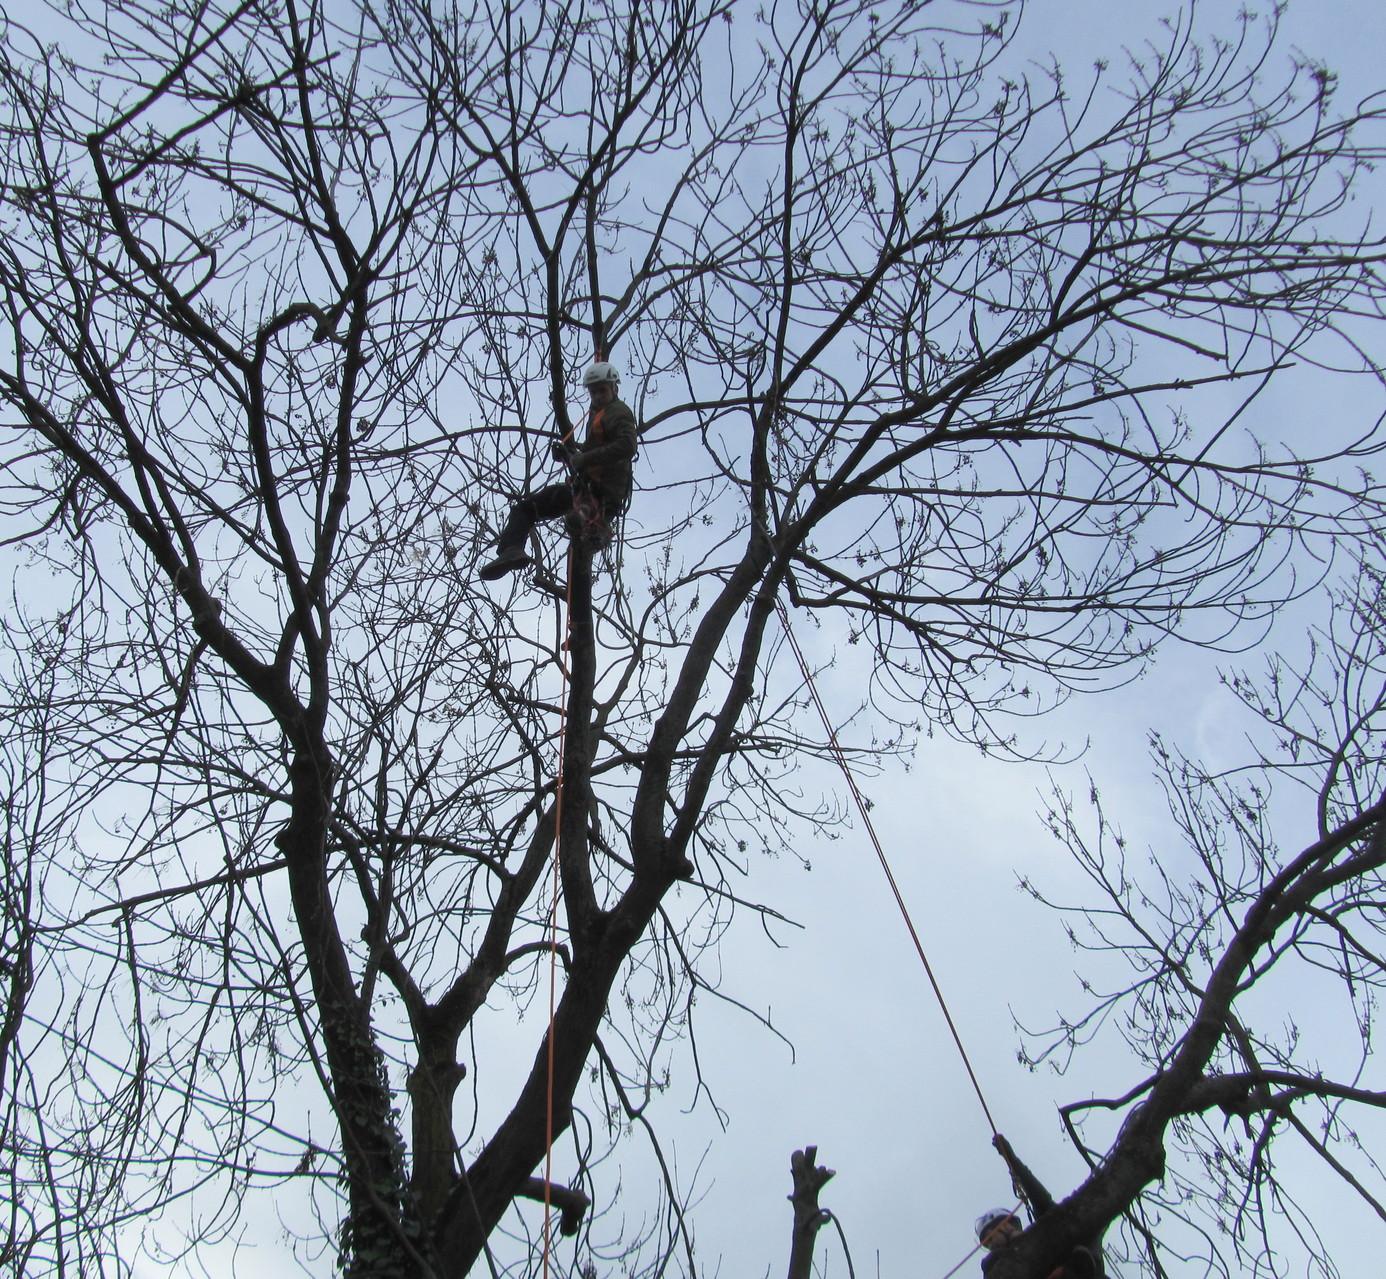 Vogelnestumsetzung für den Artenschutz